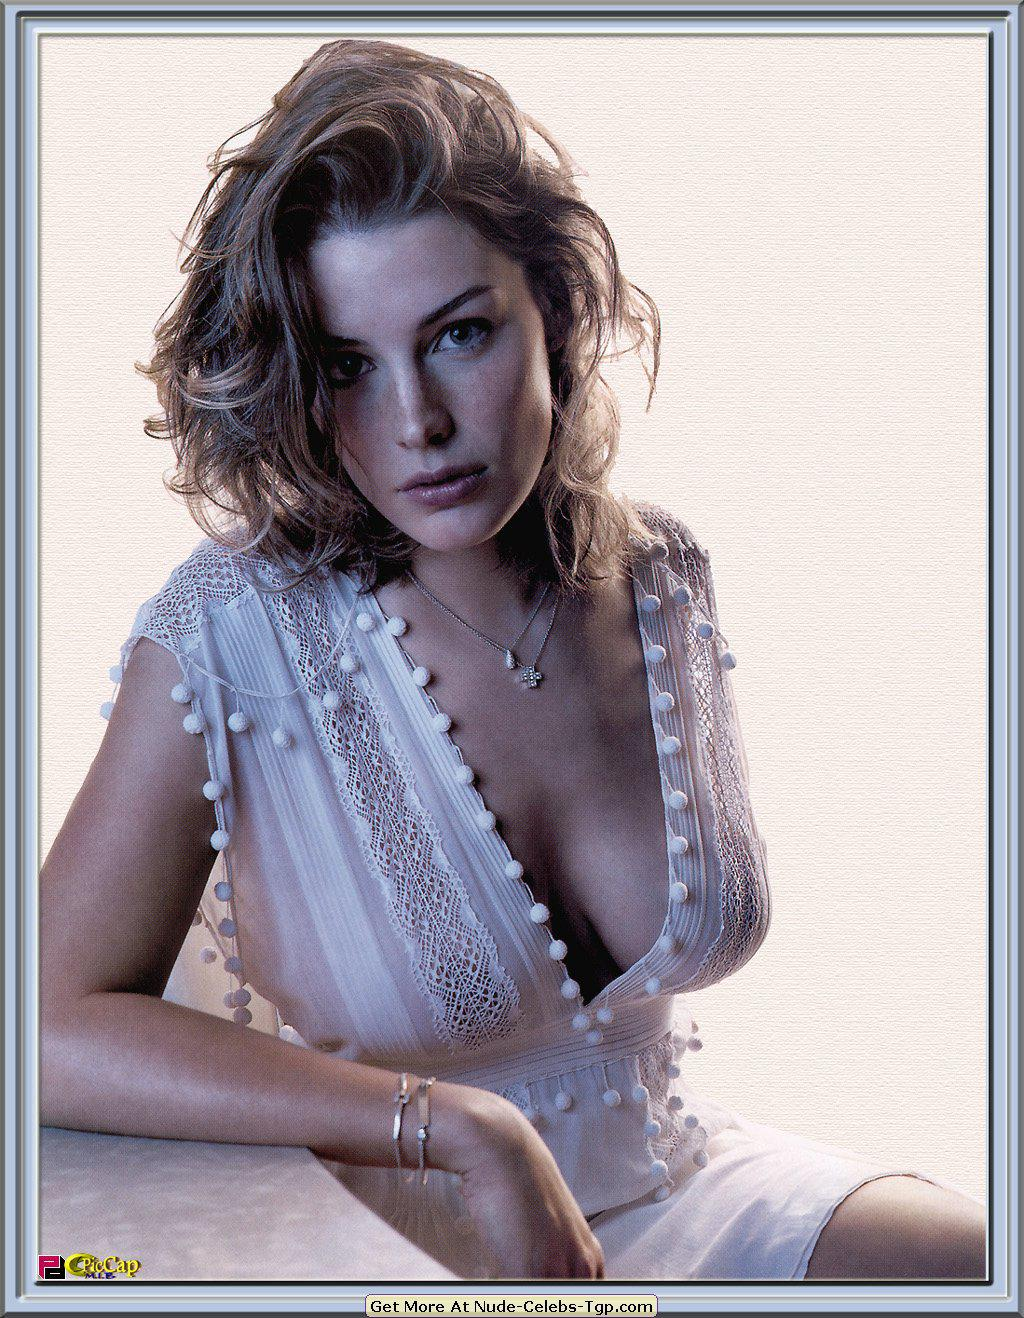 Fotos De Jessica Paré Desnuda Fotos De Famosastk